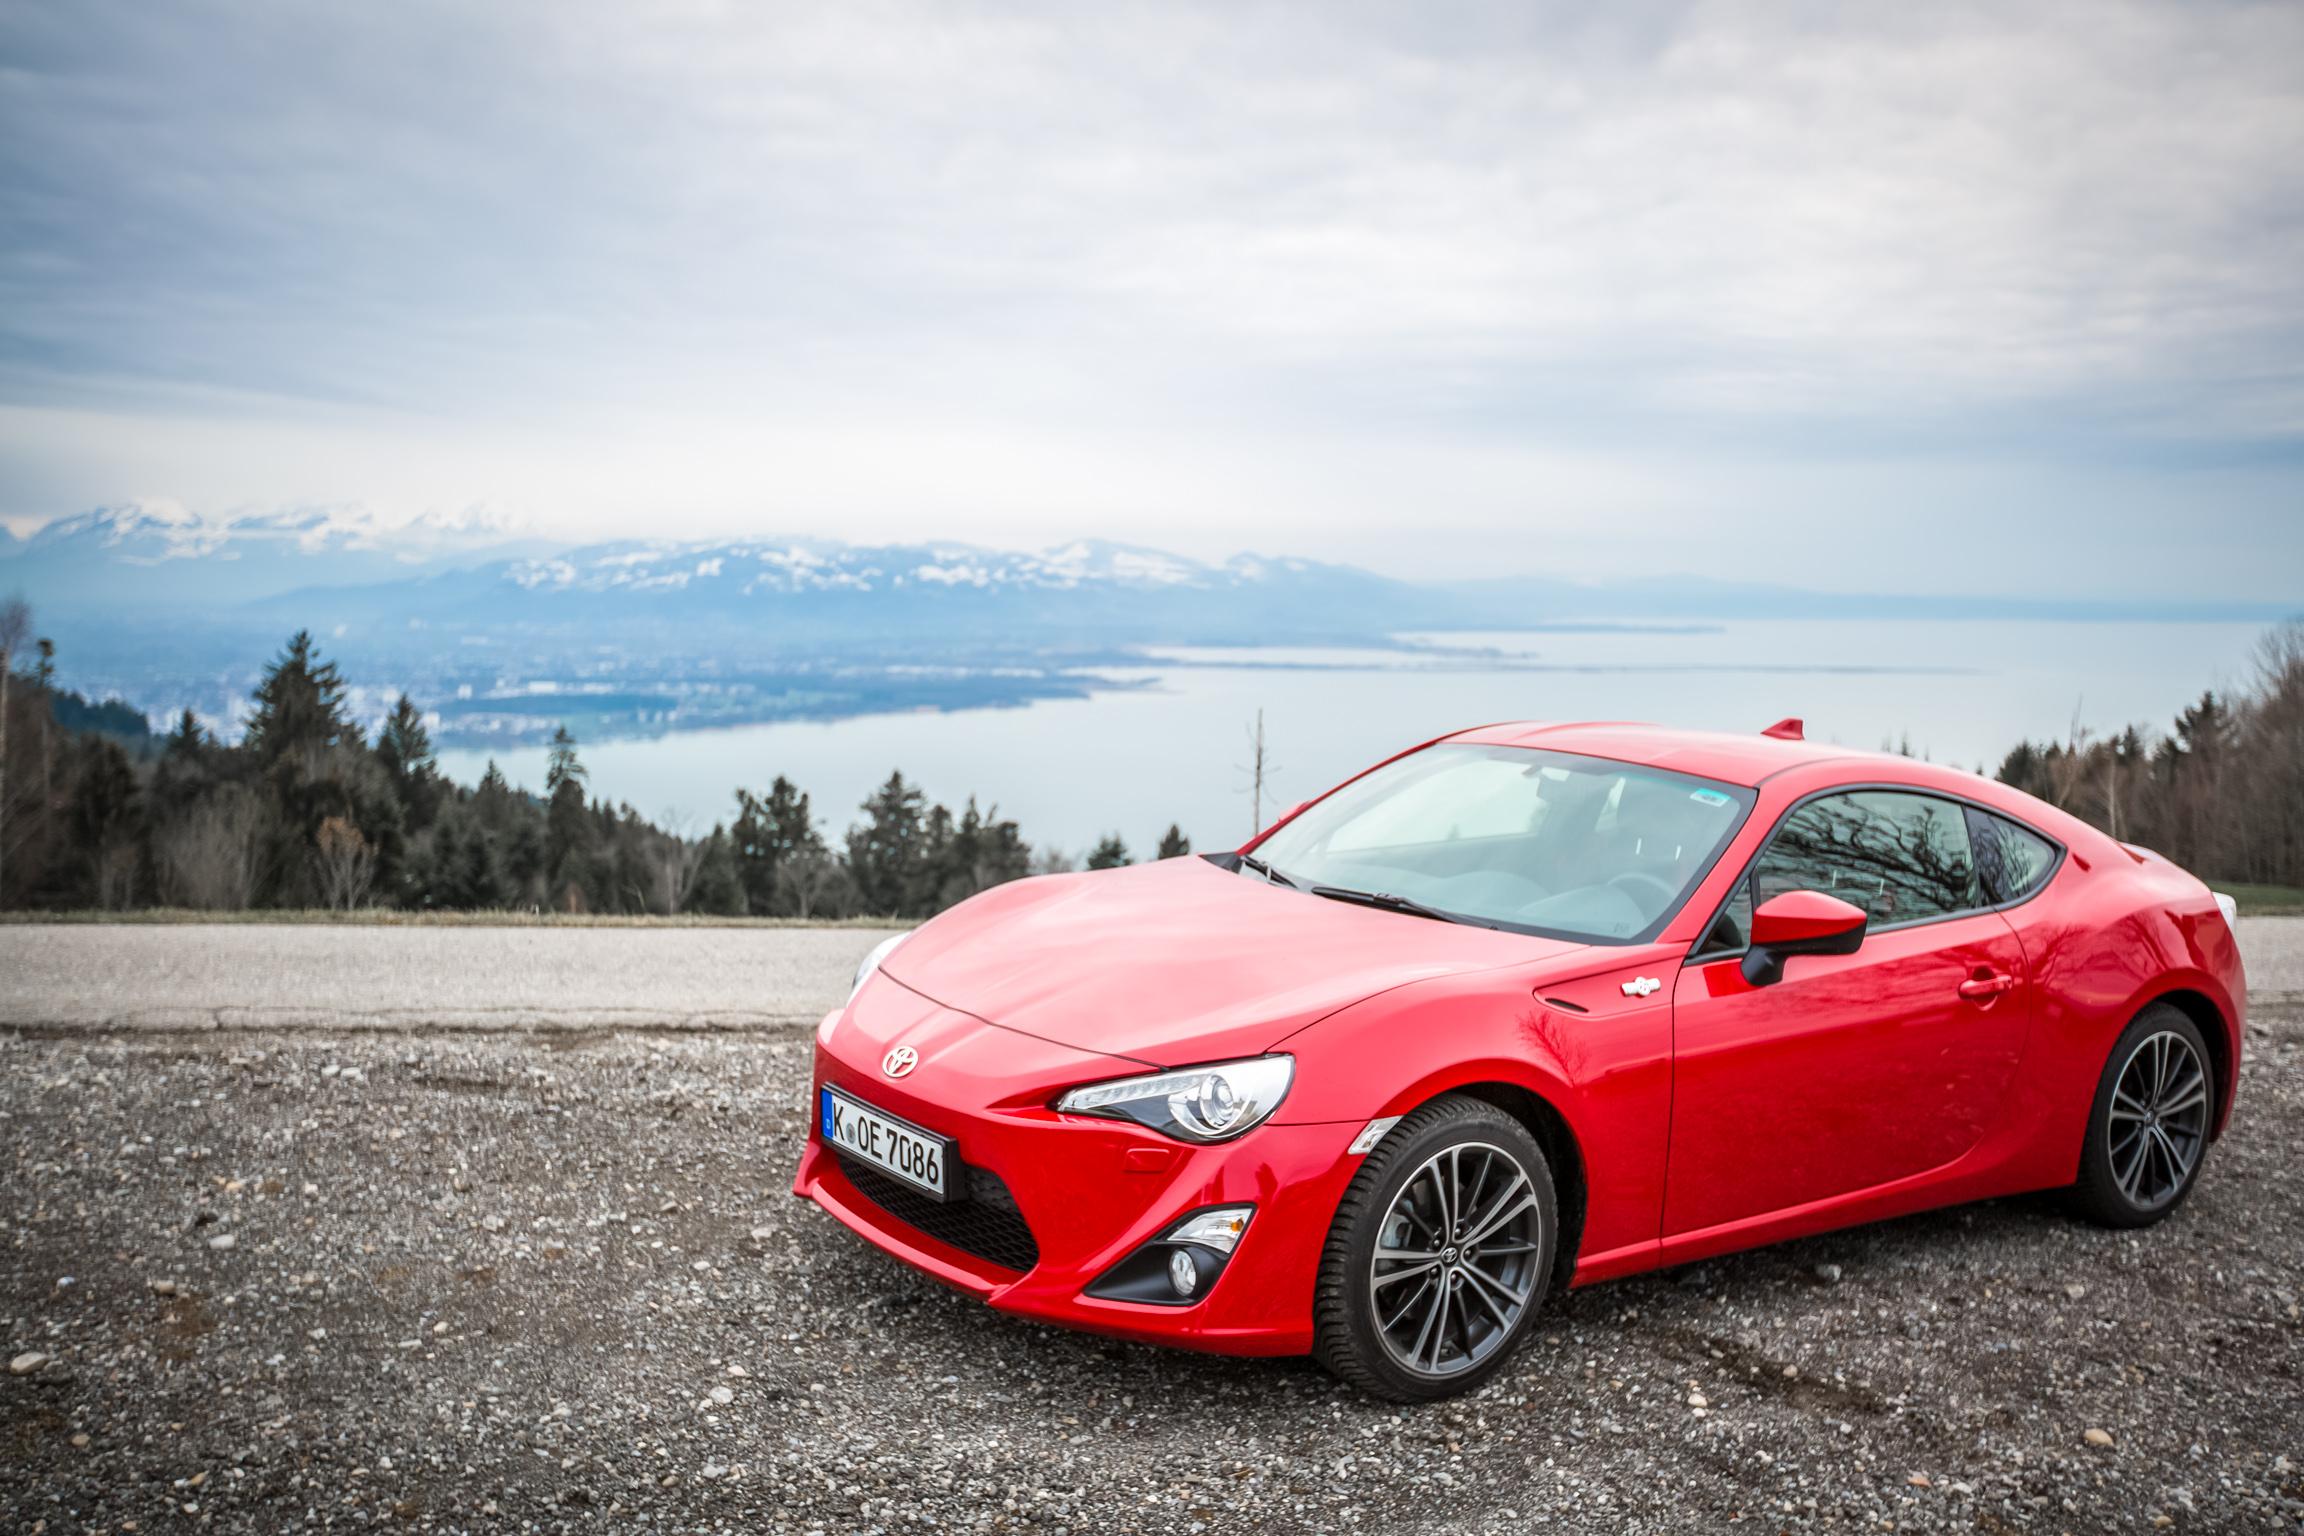 Toyota Gt86 Die Japaner Können Auch Emotion Automotive Opinion